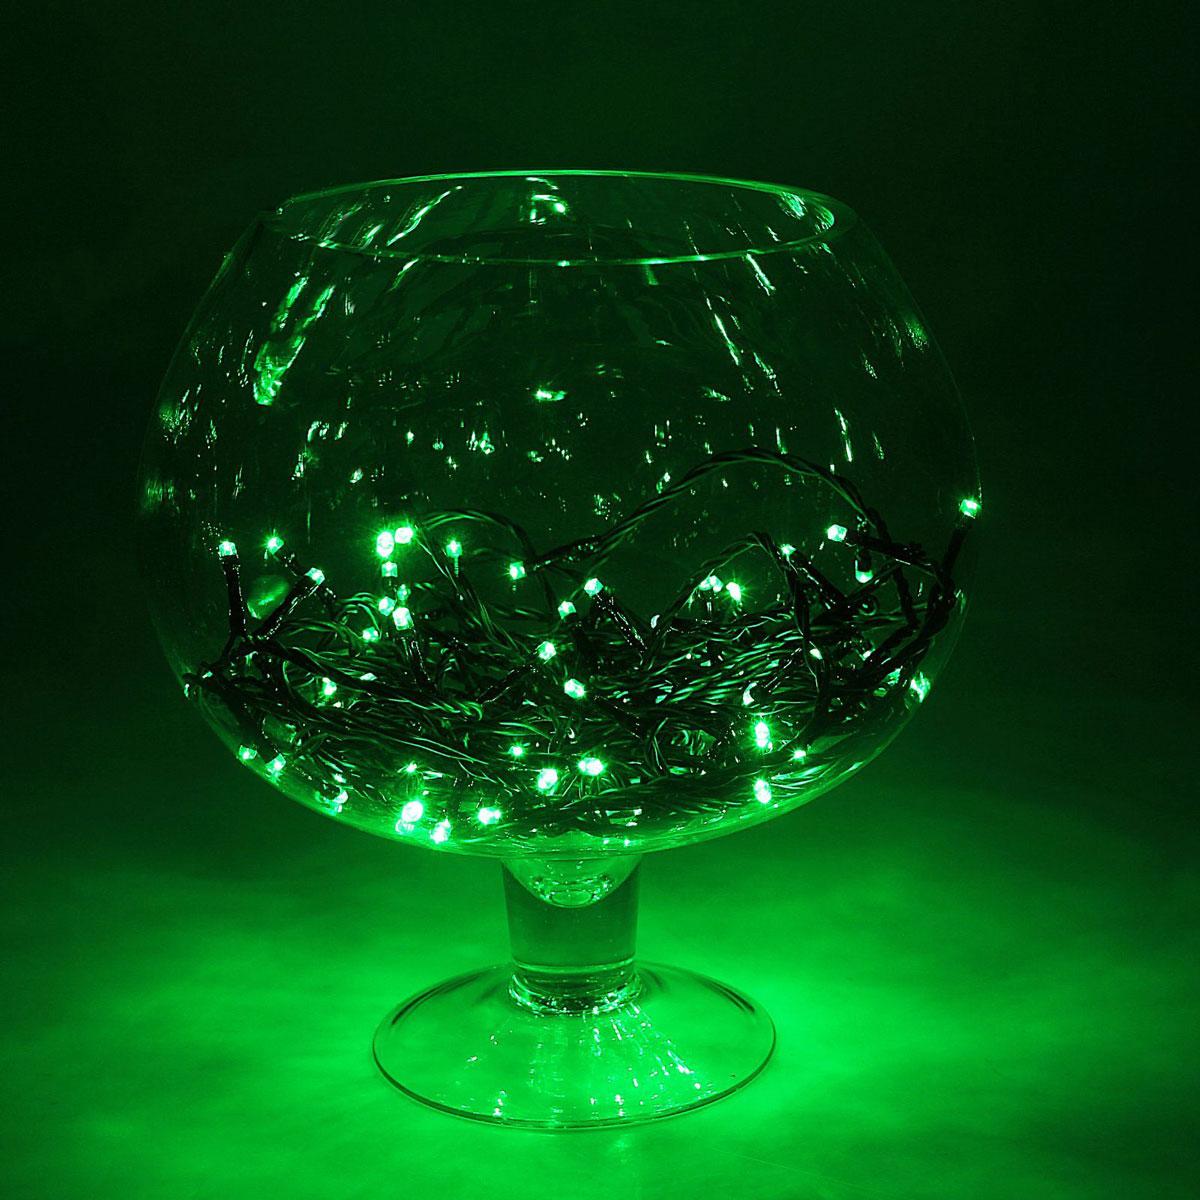 Гирлянда светодиодная Luazon Метраж, уличная, 100 ламп, 24 V, 10 м, цвет: зеленый. 15860031586003Светодиодные гирлянды, ленты и т.д. — это отличный вариант для новогоднего оформления интерьера или фасада. С их помощью помещение любого размера можно превратить в праздничный зал, а внешние элементы зданий, украшенные ими, мгновенно станут напоминать очертания сказочного дворца. Такие украшения создают ауру предвкушения чуда. Деревья, фасады, витрины, окна и арки будто специально созданы, чтобы вы украсили их светящимися нитями.